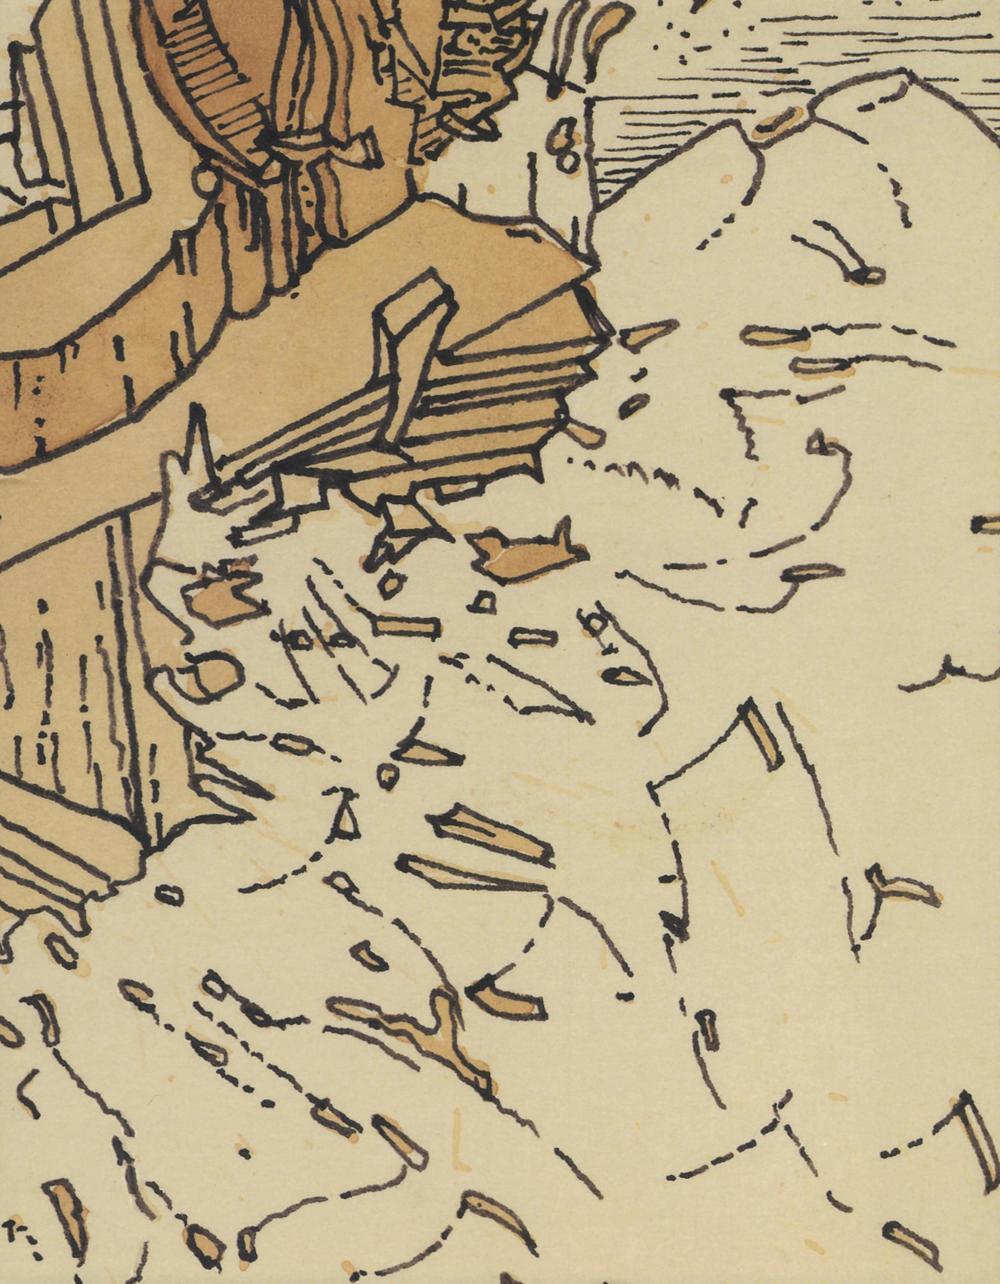 SONNETS IN BABYLON. BIENNALE D'ARCHITETTURA DI VENEZIA. EDIZ. INGLESE - 9788874628230